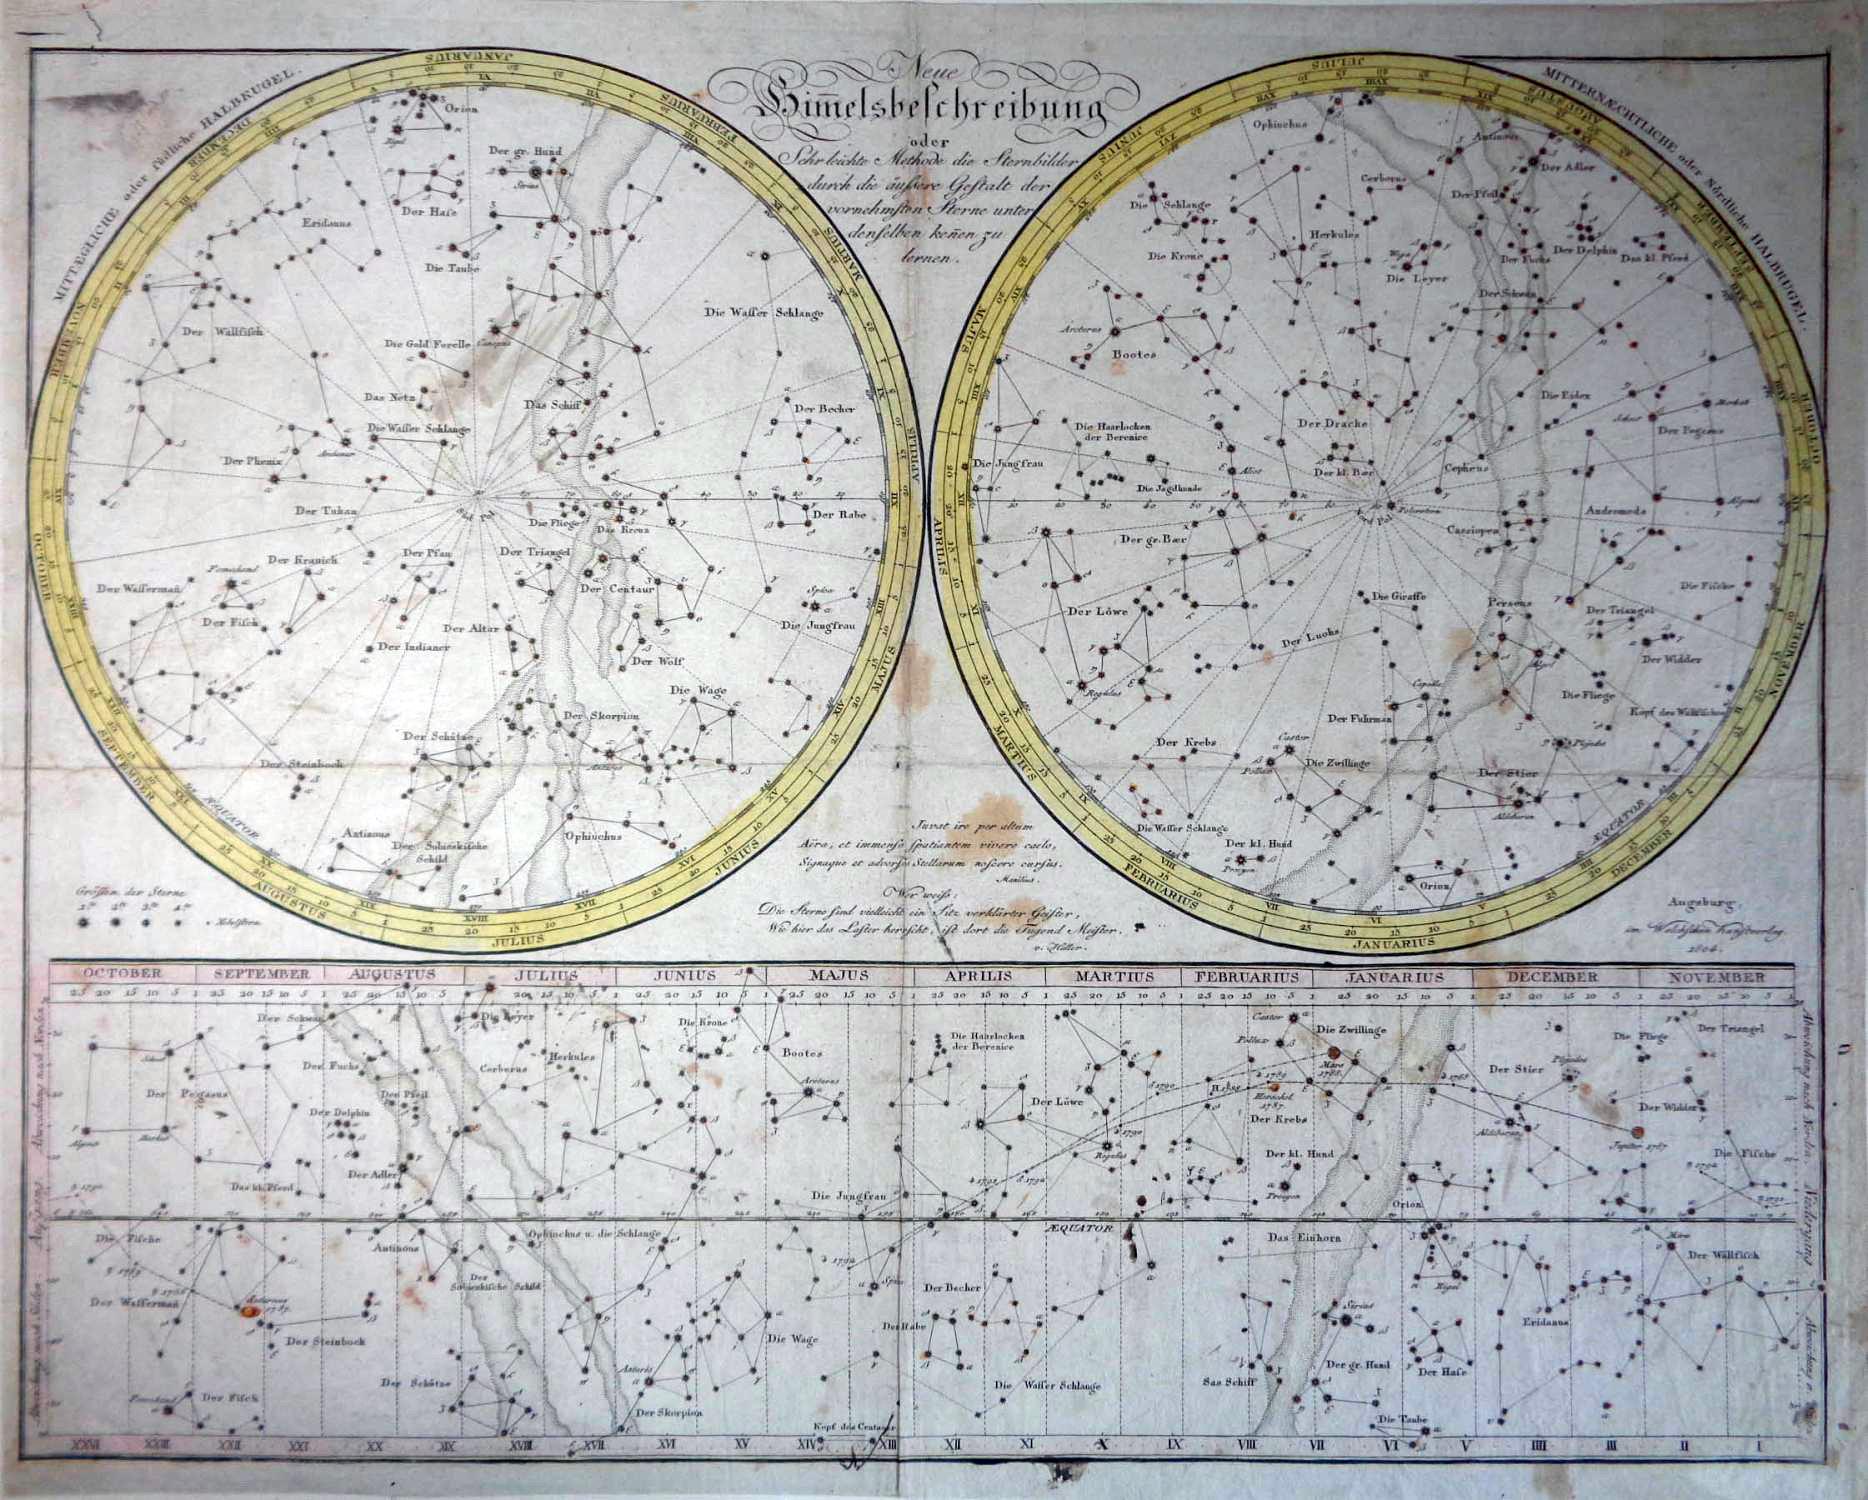 Neue Himmelsbeschreibung oder sehr leichte Methode die Sternbilder durch die äussere Gestalt der vornehmsten Sterne unter denselben kennen zu lernen